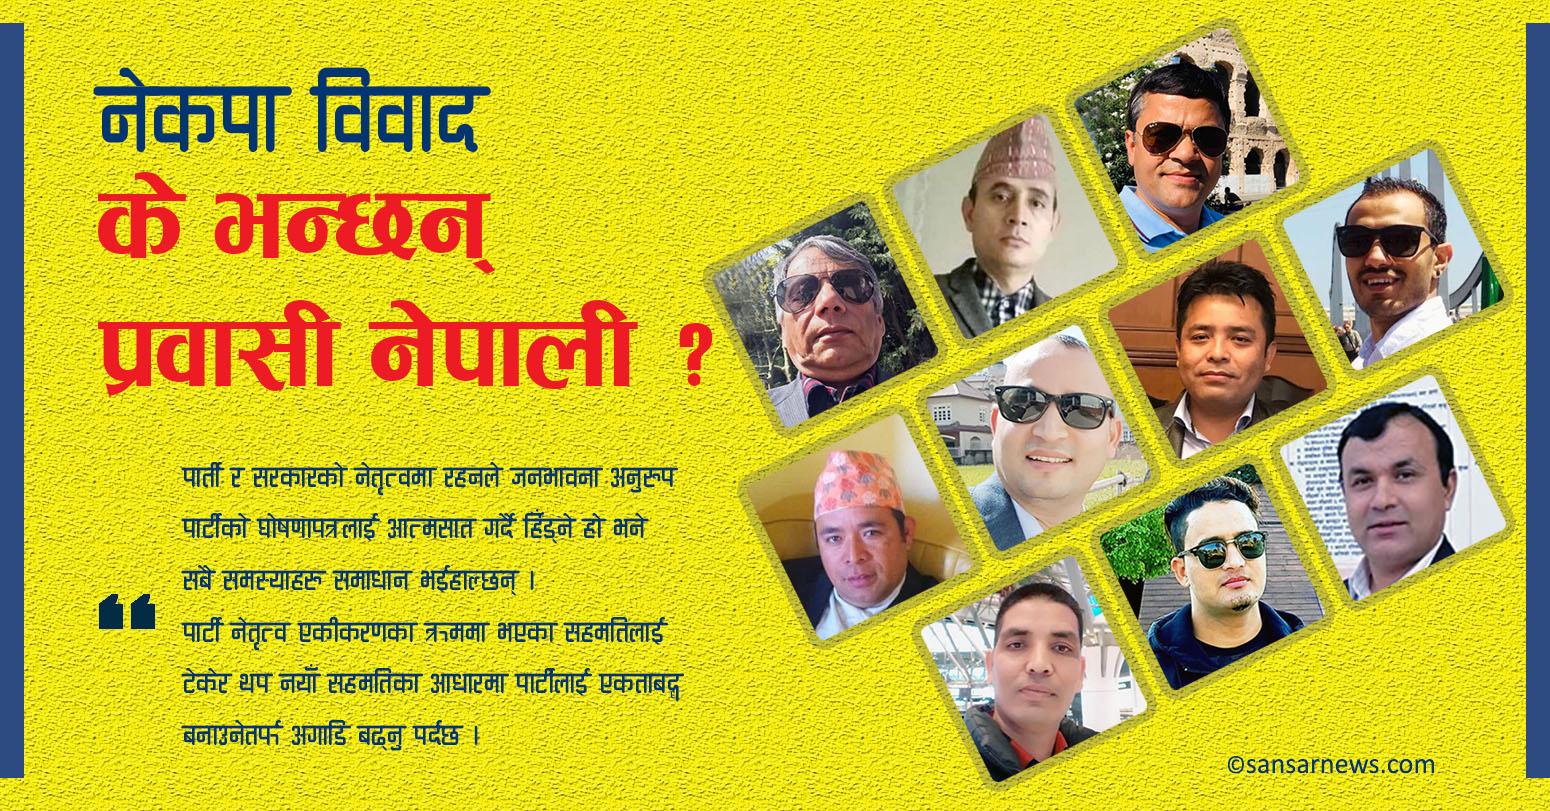 नेकपाभित्रको विवादः के भन्छन् त प्रवासी नेपाली एकता मन्चका नेताहरु ?